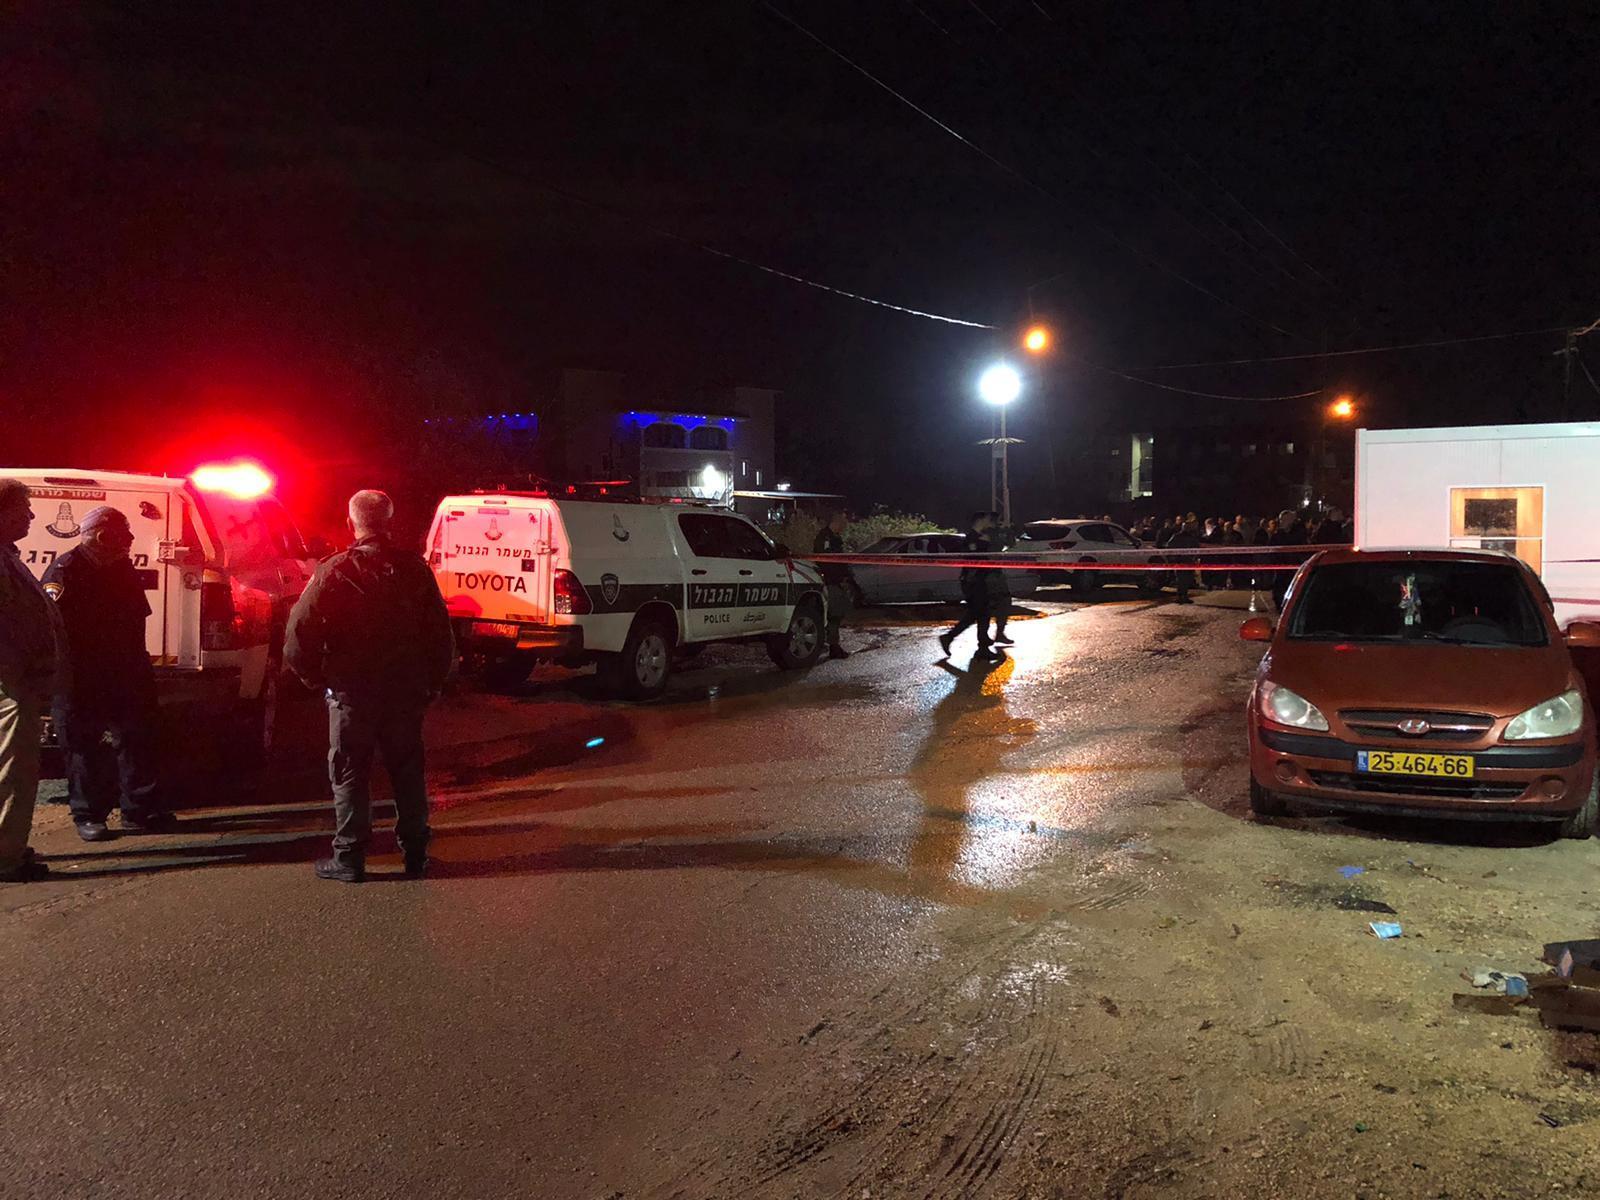 جديدة المكر: إصابة خطيرة باستهداف منزل رئيس المجلس بالرصاص